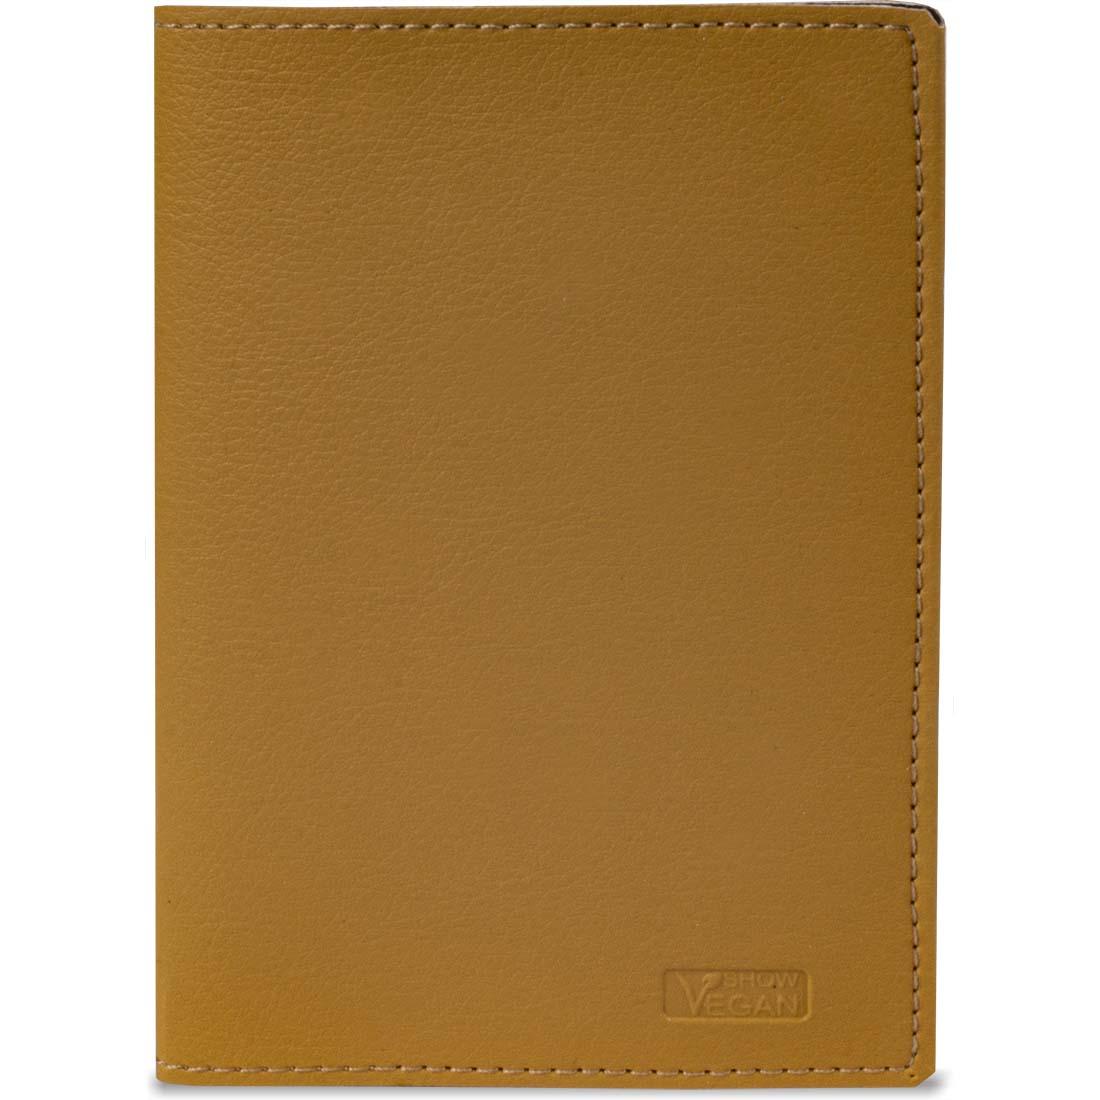 Porta passaporte Show Vegan